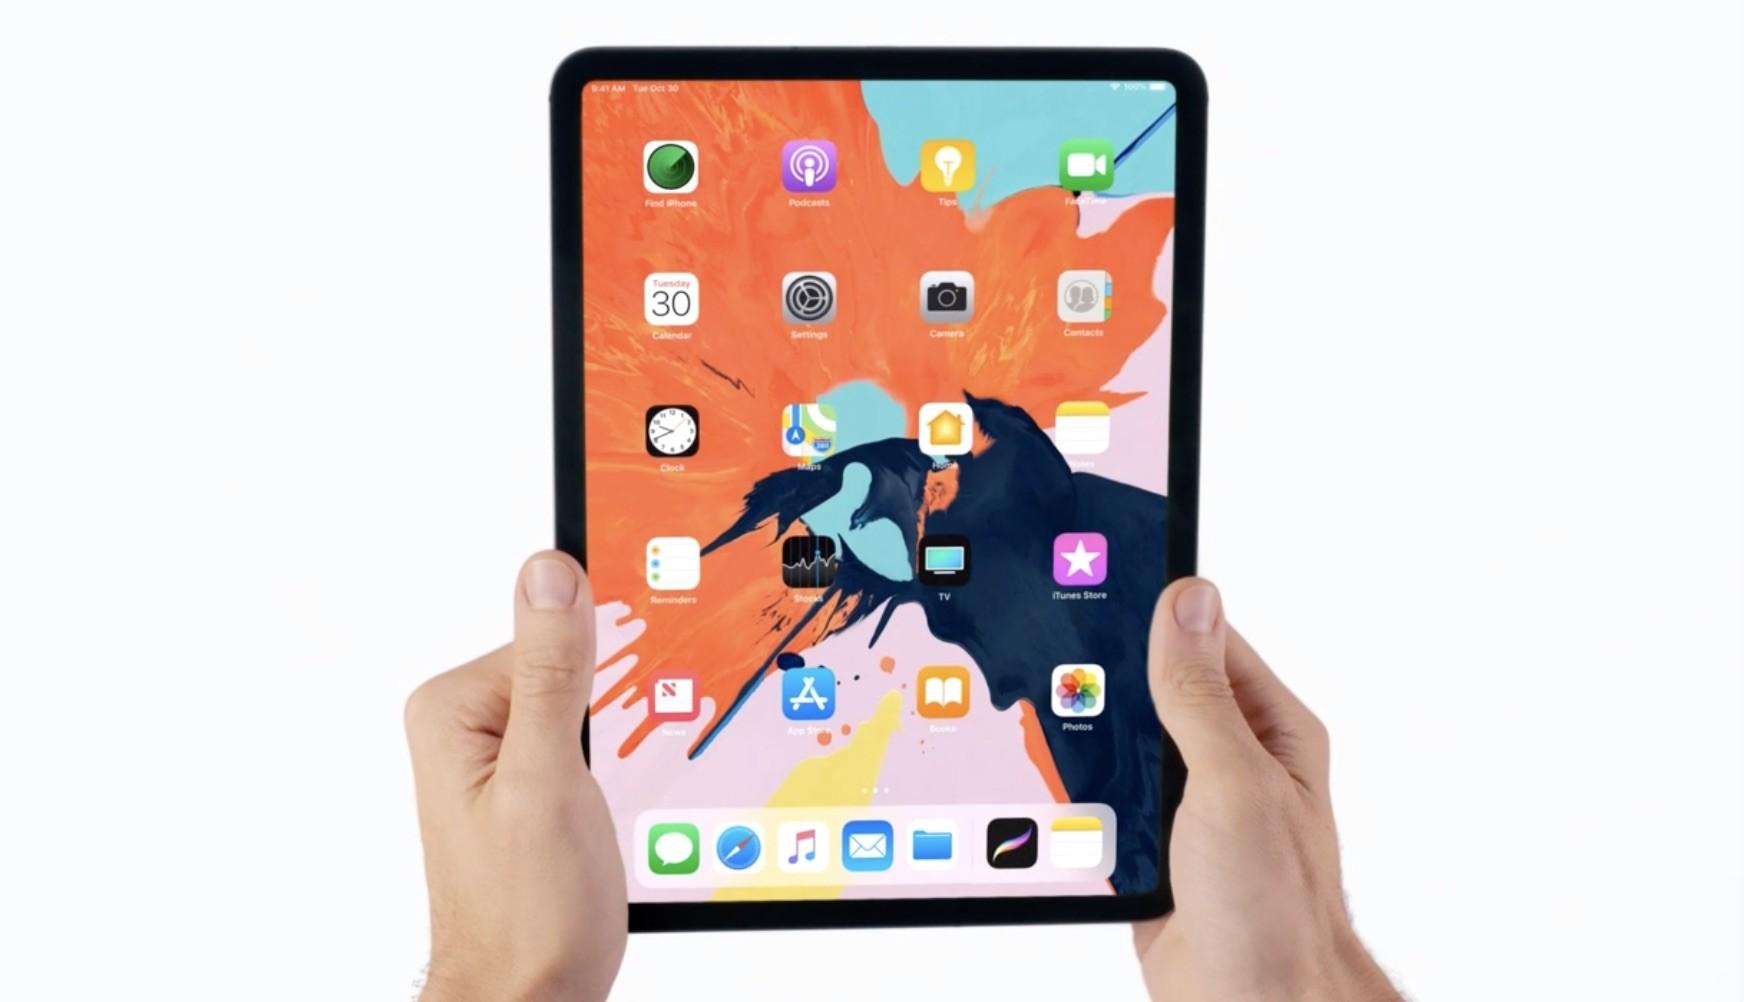 بررسیiPad Pro 2018 جدید اپل